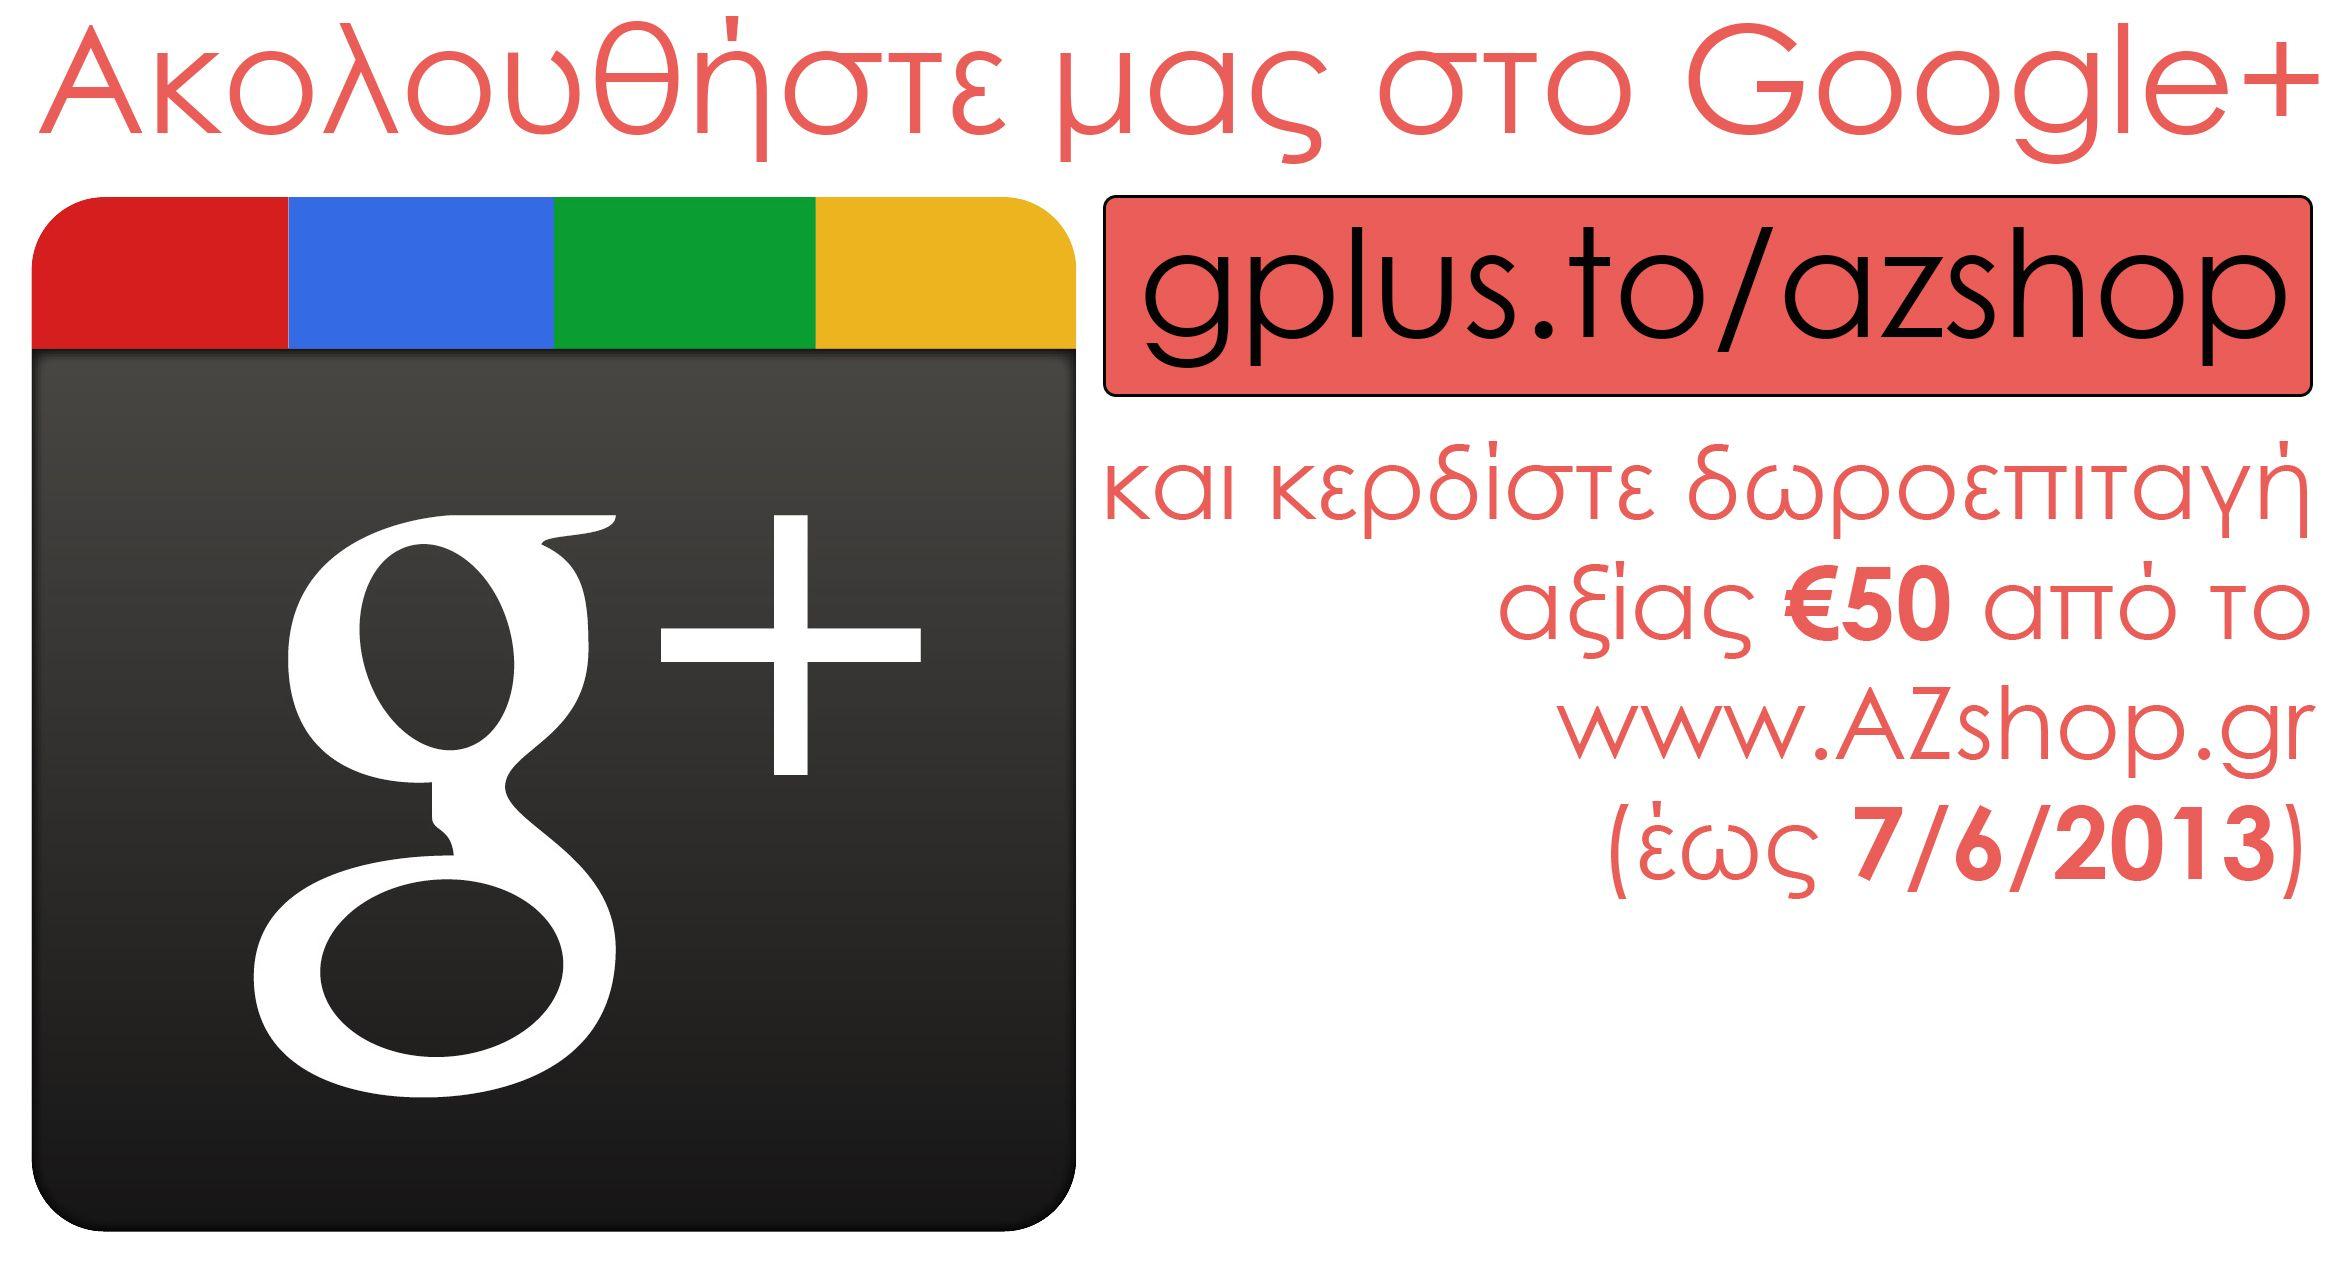 b5be4ec49c1 ΔΙΑΓΩΝΙΣΜΟΣ στο Google+ για δωροεπιταγή €50 από το AZshop.gr! Για να  συμμετάσχετε